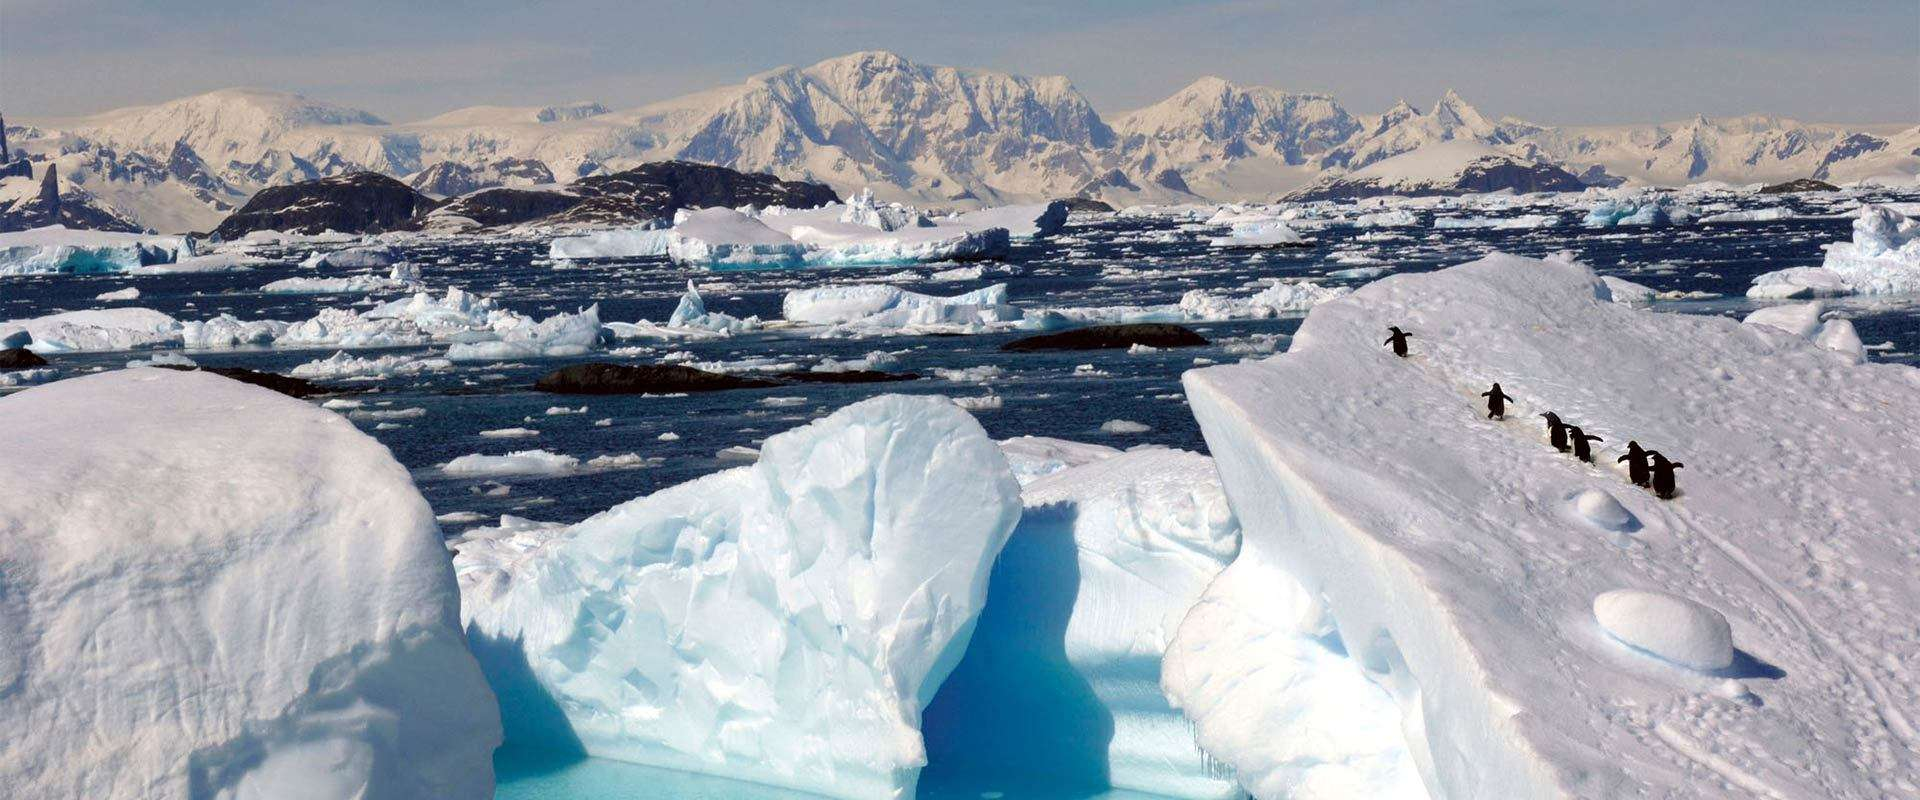 Titan Tours Galapagos Islands